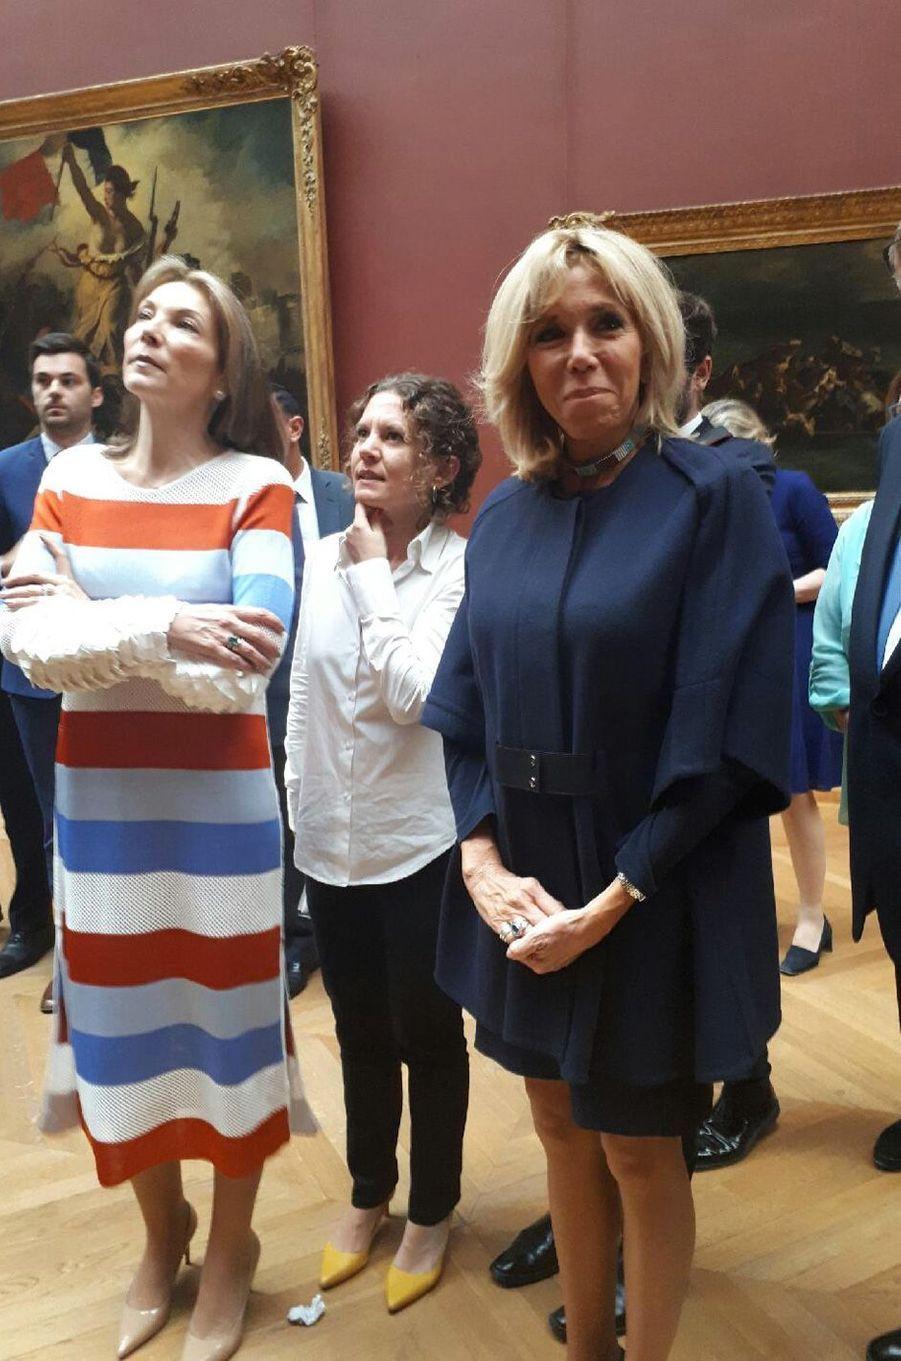 María Clemencia Rodríguez de Santos et Brigitte Macron, mercredi matin au Louvre.